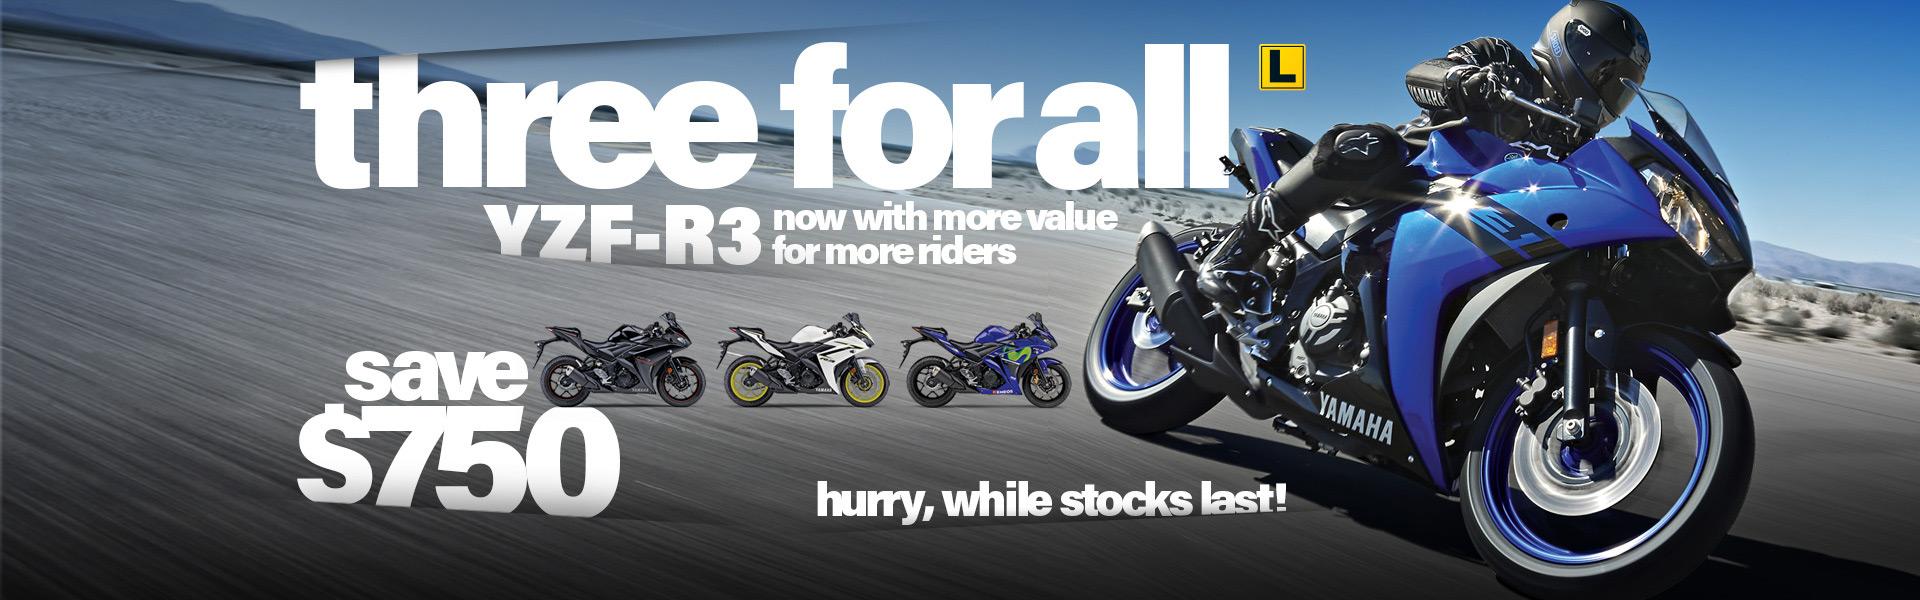 2018 Yamaha YZF-R3 run out deals